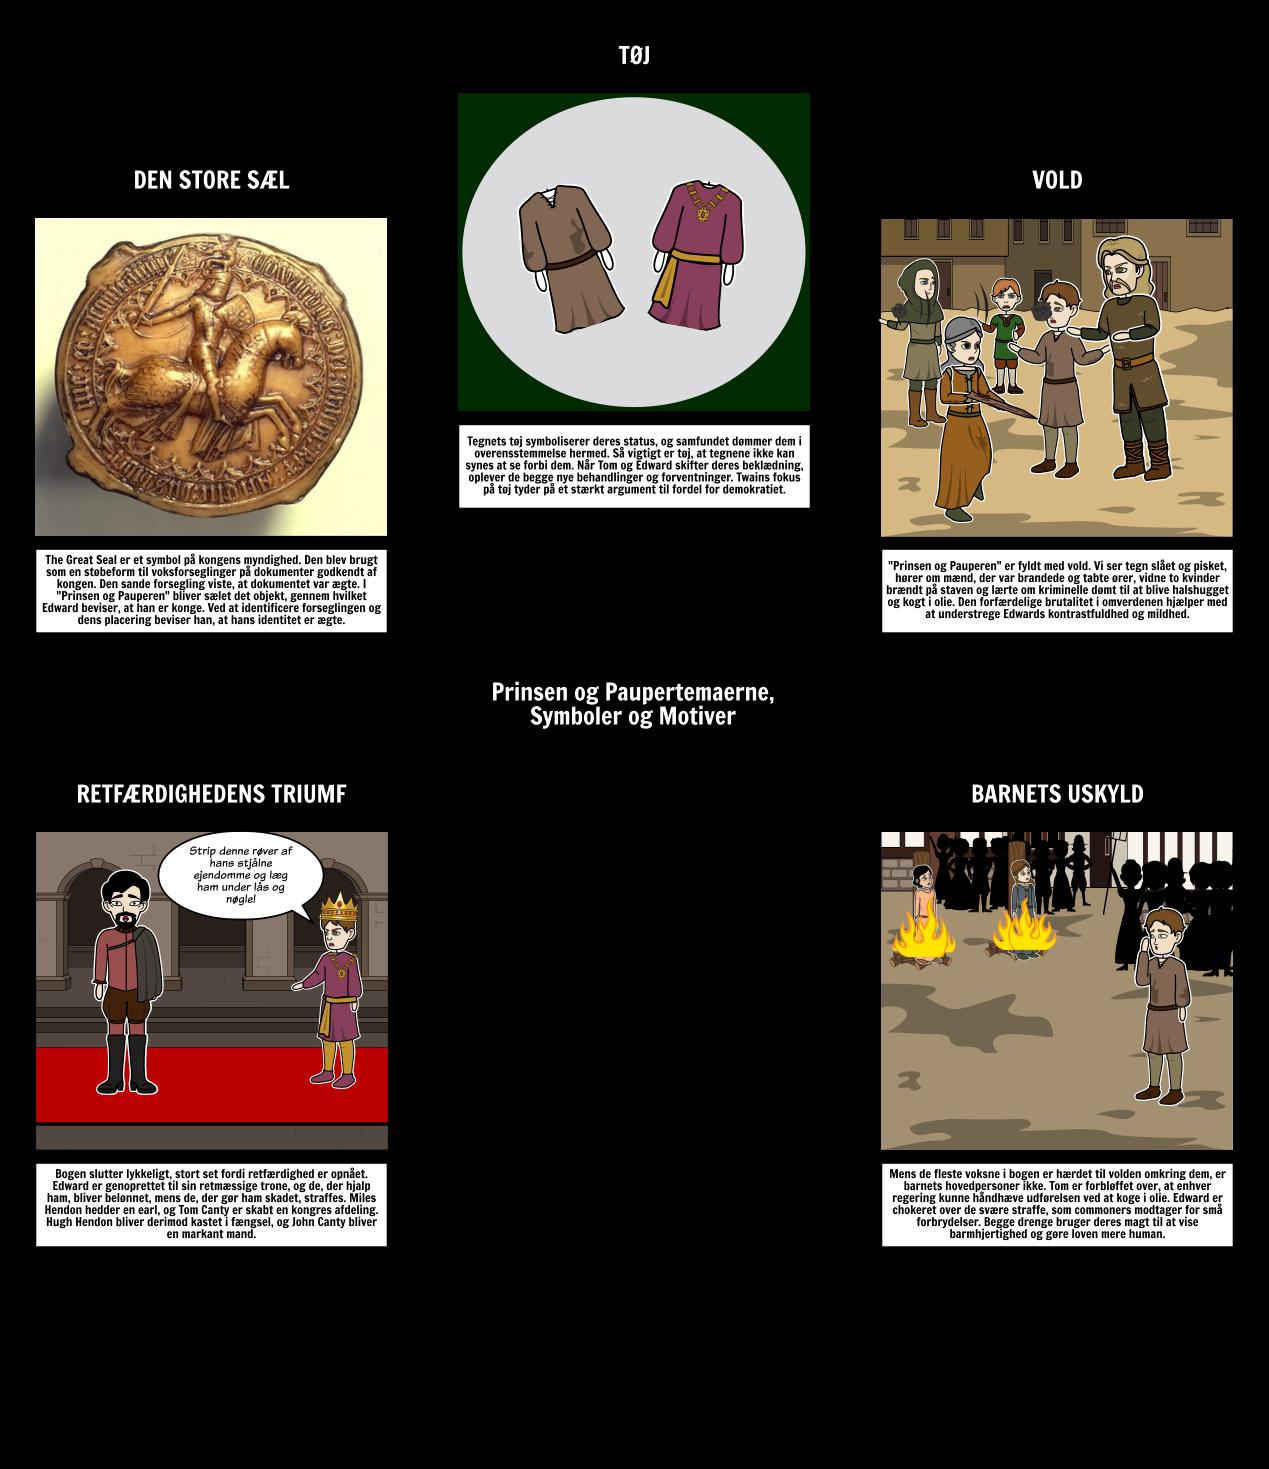 Prinsen og Paupertemaerne, Motiverne og Symbolerne